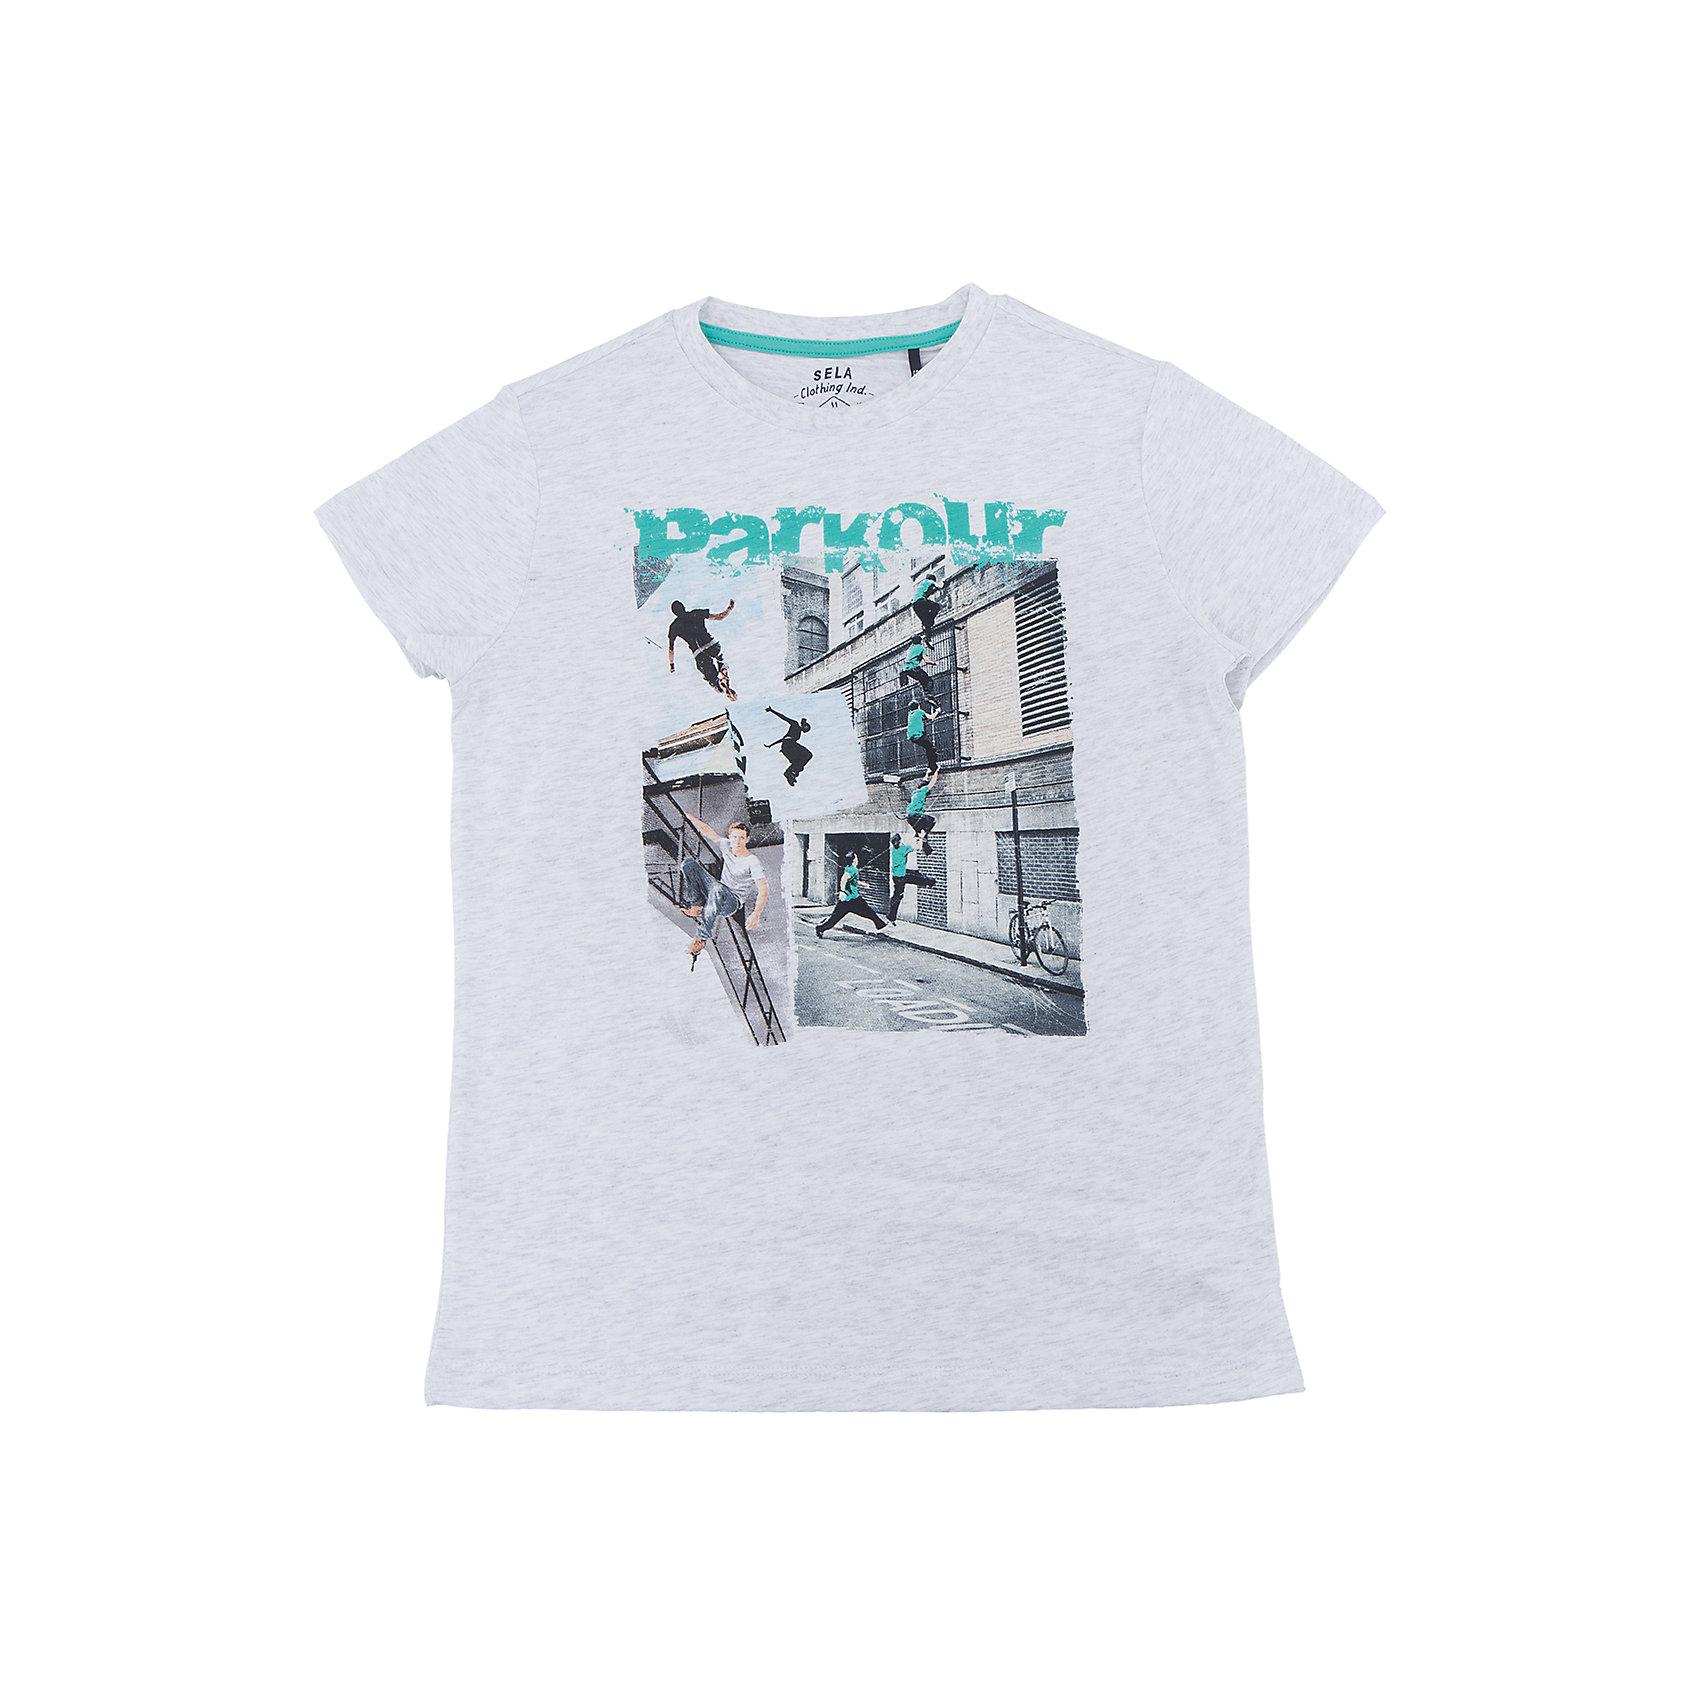 Футболка для мальчика SELAФутболки, поло и топы<br>Характеристики товара:<br><br>• цвет: белый<br>• состав: 100% хлопок<br>• принт<br>• короткие рукава<br>• округлый горловой вырез<br>• коллекция весна-лето 2017<br>• страна бренда: Российская Федерация<br><br>В новой коллекции SELA отличные модели одежды! Эта футболка для мальчика поможет разнообразить гардероб ребенка и обеспечить комфорт. Она отлично сочетается с джинсами и брюками. В составе ткани -только дышащий гипоаллергенный хлопок!<br><br>Одежда, обувь и аксессуары от российского бренда SELA не зря пользуются большой популярностью у детей и взрослых! Модели этой марки - стильные и удобные, цена при этом неизменно остается доступной. Для их производства используются только безопасные, качественные материалы и фурнитура. Новая коллекция поддерживает хорошие традиции бренда! <br><br>Футболку для мальчика от популярного бренда SELA (СЕЛА) можно купить в нашем интернет-магазине.<br><br>Ширина мм: 230<br>Глубина мм: 40<br>Высота мм: 220<br>Вес г: 250<br>Цвет: белый<br>Возраст от месяцев: 120<br>Возраст до месяцев: 132<br>Пол: Мужской<br>Возраст: Детский<br>Размер: 146,134,140,152,116,122,128<br>SKU: 5304144